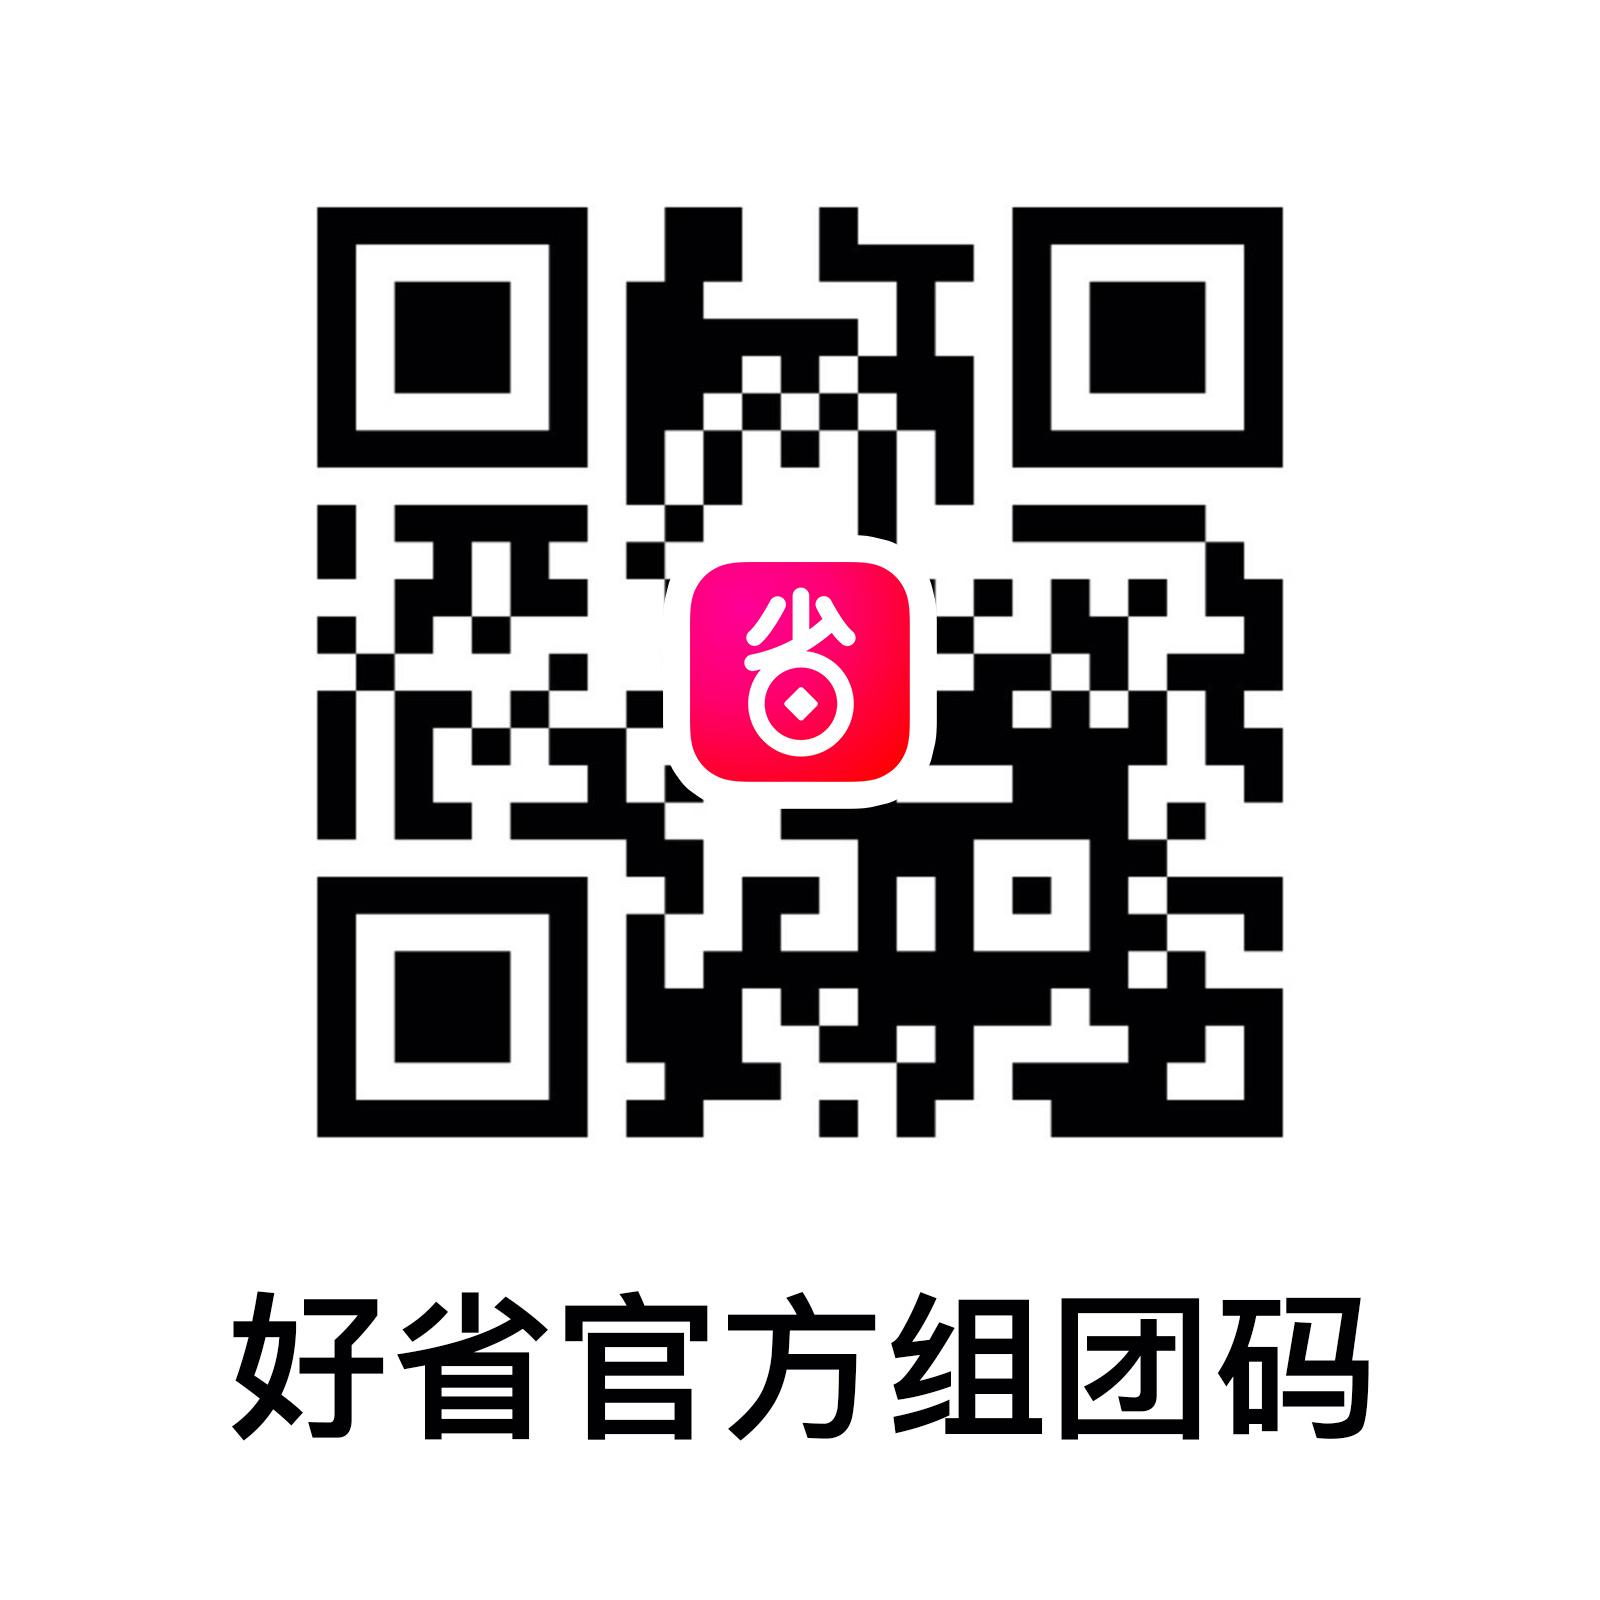 淘宝联盟专项渠道服务组团【好省APP组团入口】